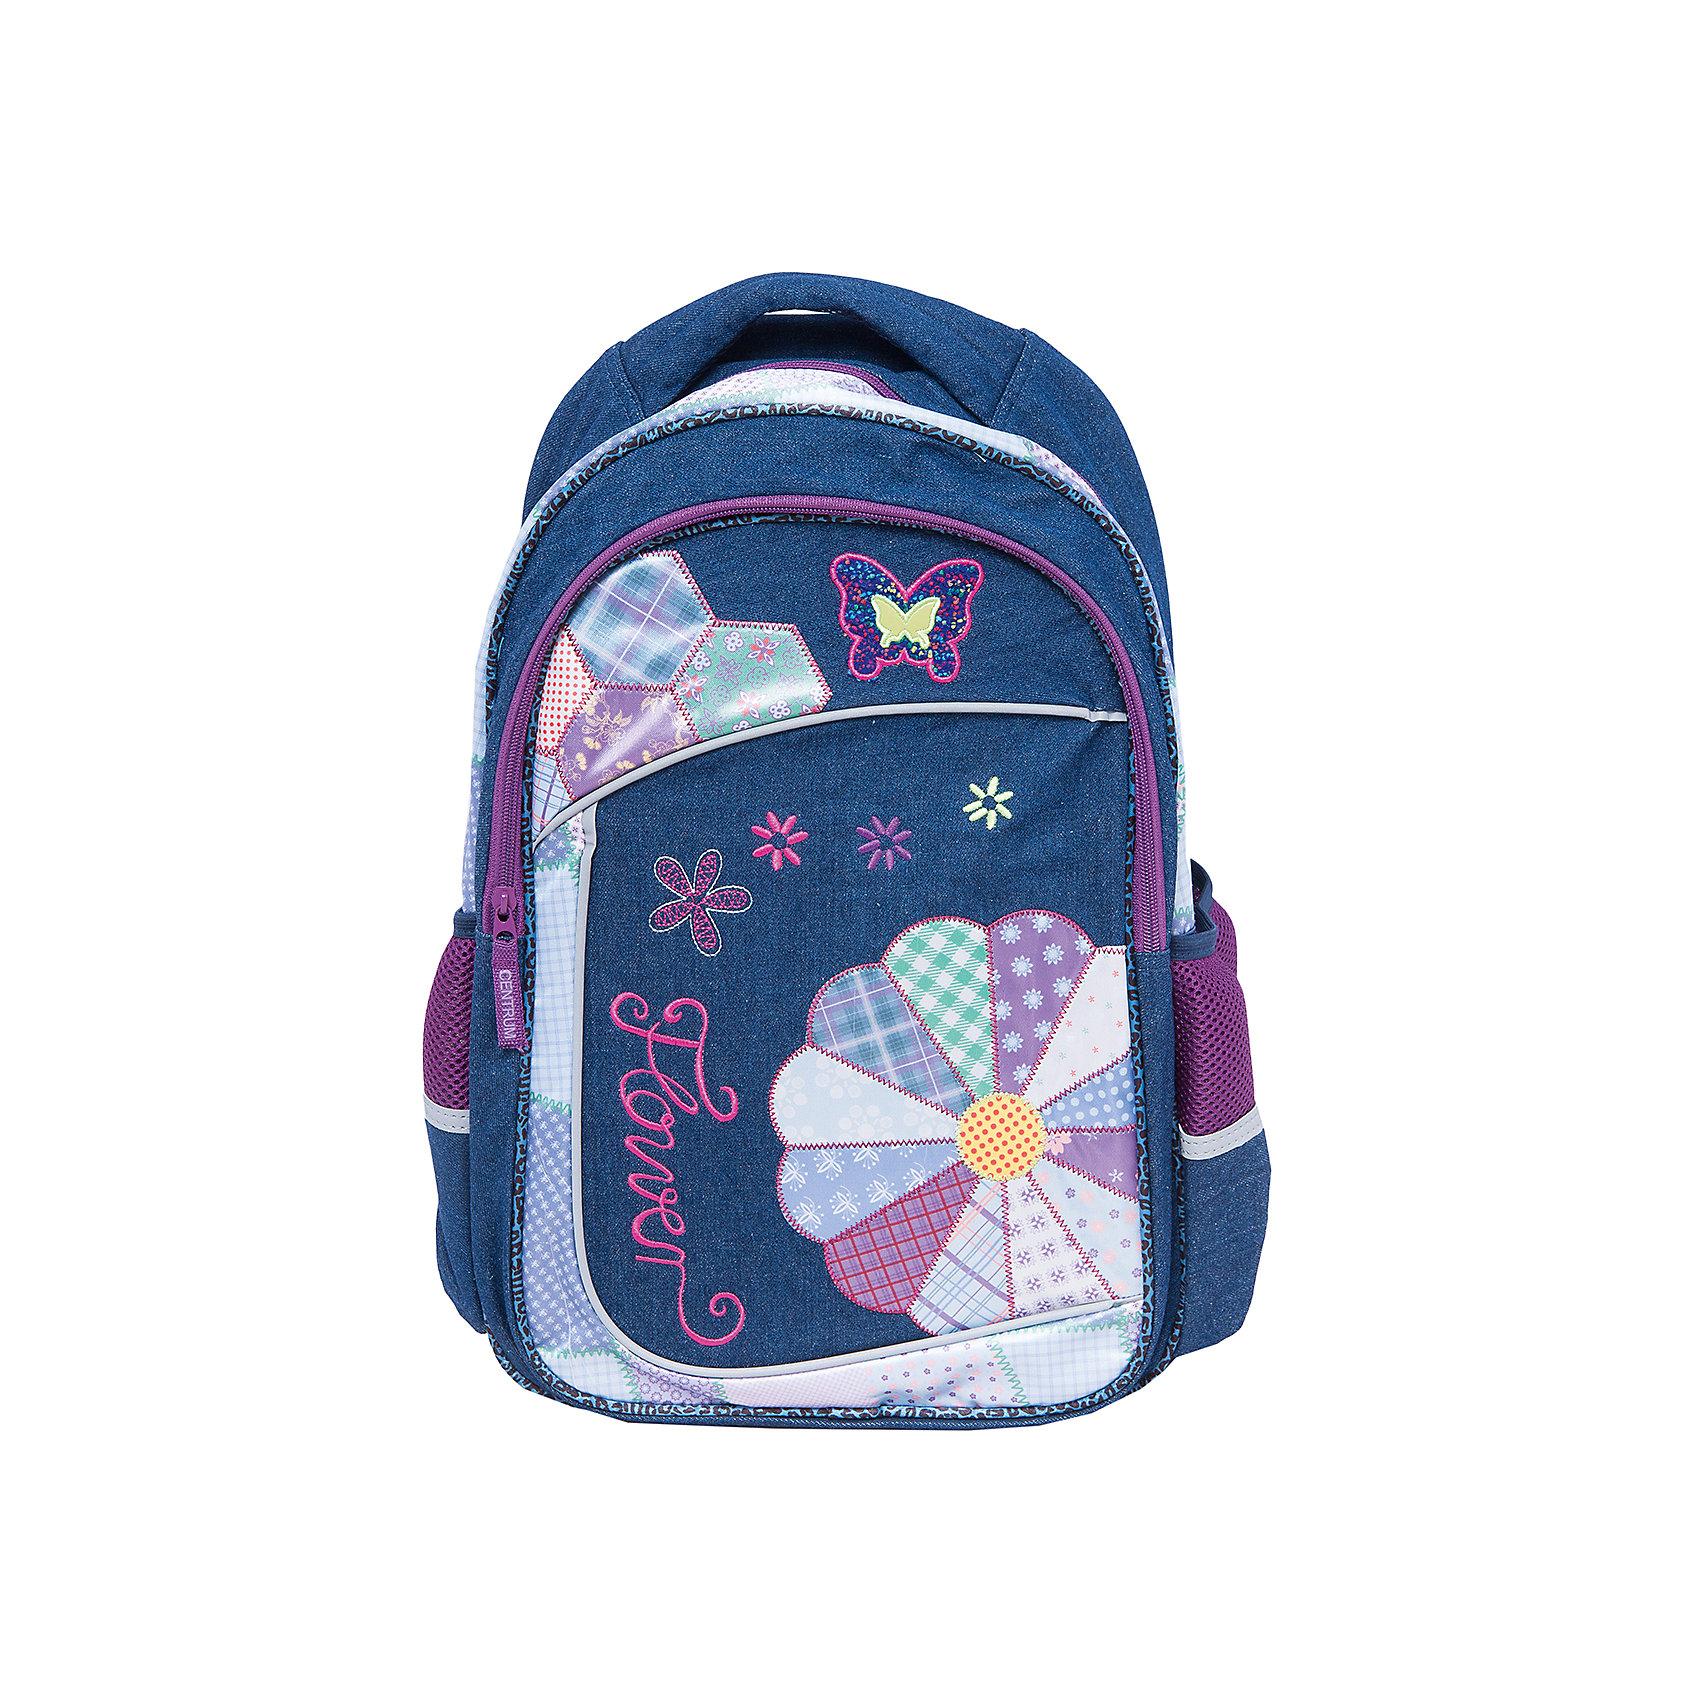 Школьный рюкзак с уплотненной спинкой и светоотражателямиРюкзаки<br>Рюкзак с уплотненной спинкой и светоотражателями, 44,5х31х18,5 см - этот яркий рюкзак вместит все, что нужно для успешного учебного дня.<br>Удобный рюкзак для повседневного использования выполнен из прочной долговечной ткани. Уплотненная спинка рюкзака не позволит ребенку устать. Широкие, мягкие, регулируемые лямки помогают равномерно распределить нагрузку по всей спине. Светоотражатели сделают Вашего ребенка заметным на дороге в темное время суток. У рюкзака имеется одно вместительное отделение, два боковых кармана и один внешний большой карман, закрывающийся на застежку-молнию. Для переноски рюкзака в руках предусмотрена ручка-петля.<br><br>Дополнительная информация:<br><br>- Материал: полиэстер<br>- Размер: 44,5х31х18,5 см.<br>- Вес: 540 гр.<br><br>Рюкзак с уплотненной спинкой и светоотражателями, 44,5х31х18,5 см можно купить в нашем интернет-магазине.<br><br>Ширина мм: 185<br>Глубина мм: 310<br>Высота мм: 445<br>Вес г: 540<br>Возраст от месяцев: 72<br>Возраст до месяцев: 144<br>Пол: Женский<br>Возраст: Детский<br>SKU: 4098803